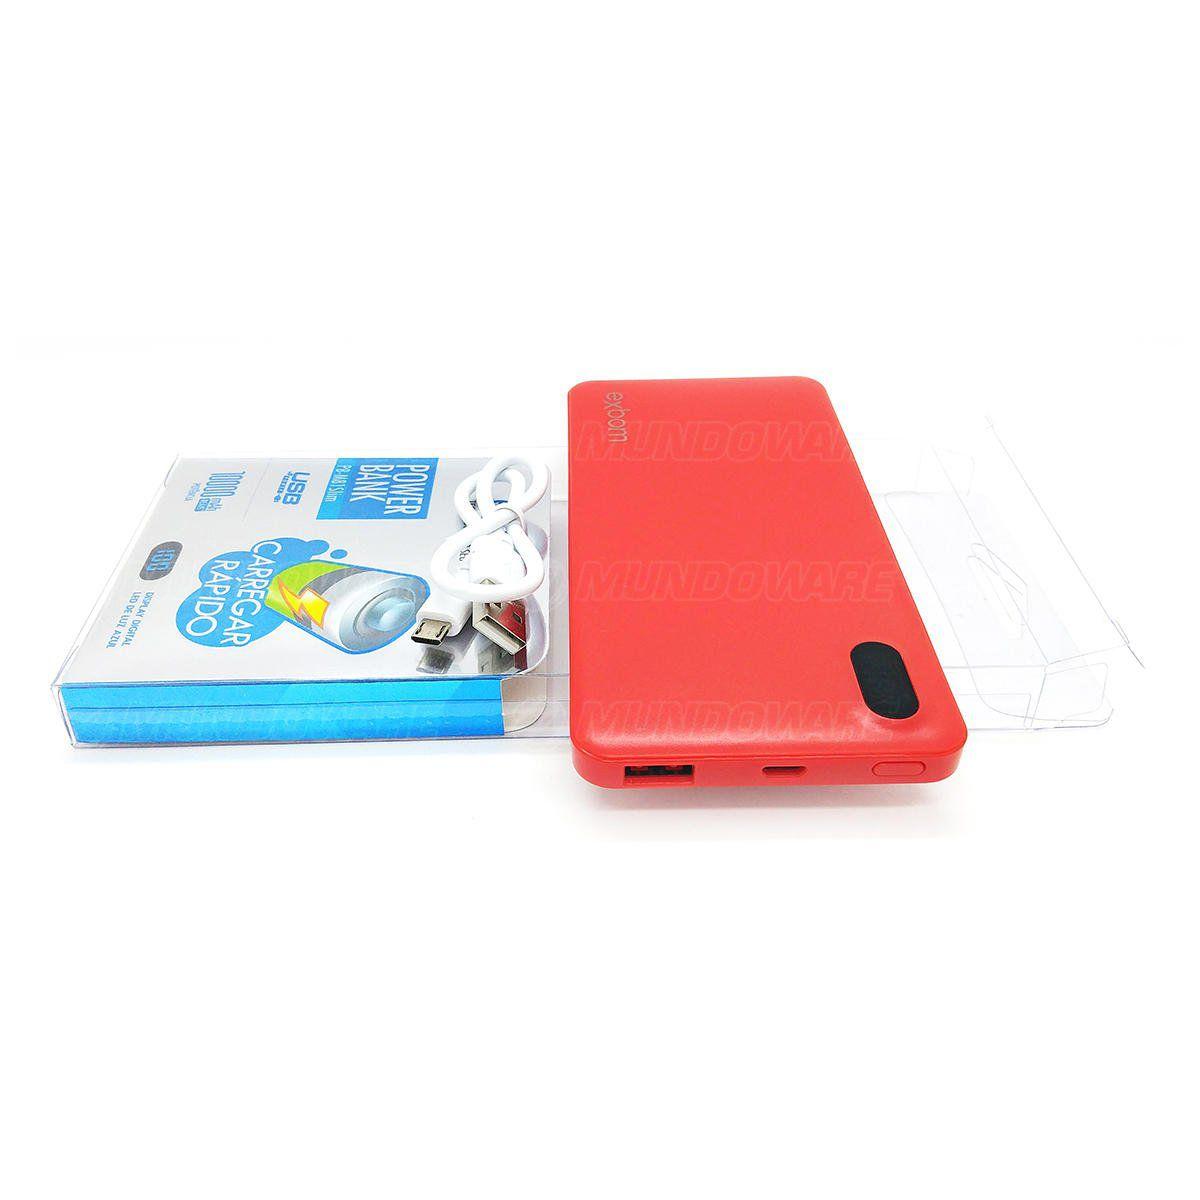 Bateria Externa Portátil para Celular 10.000mAh com Display LED Indicador de Carga Power Bank Exbom PB-M81Slim Vermelho